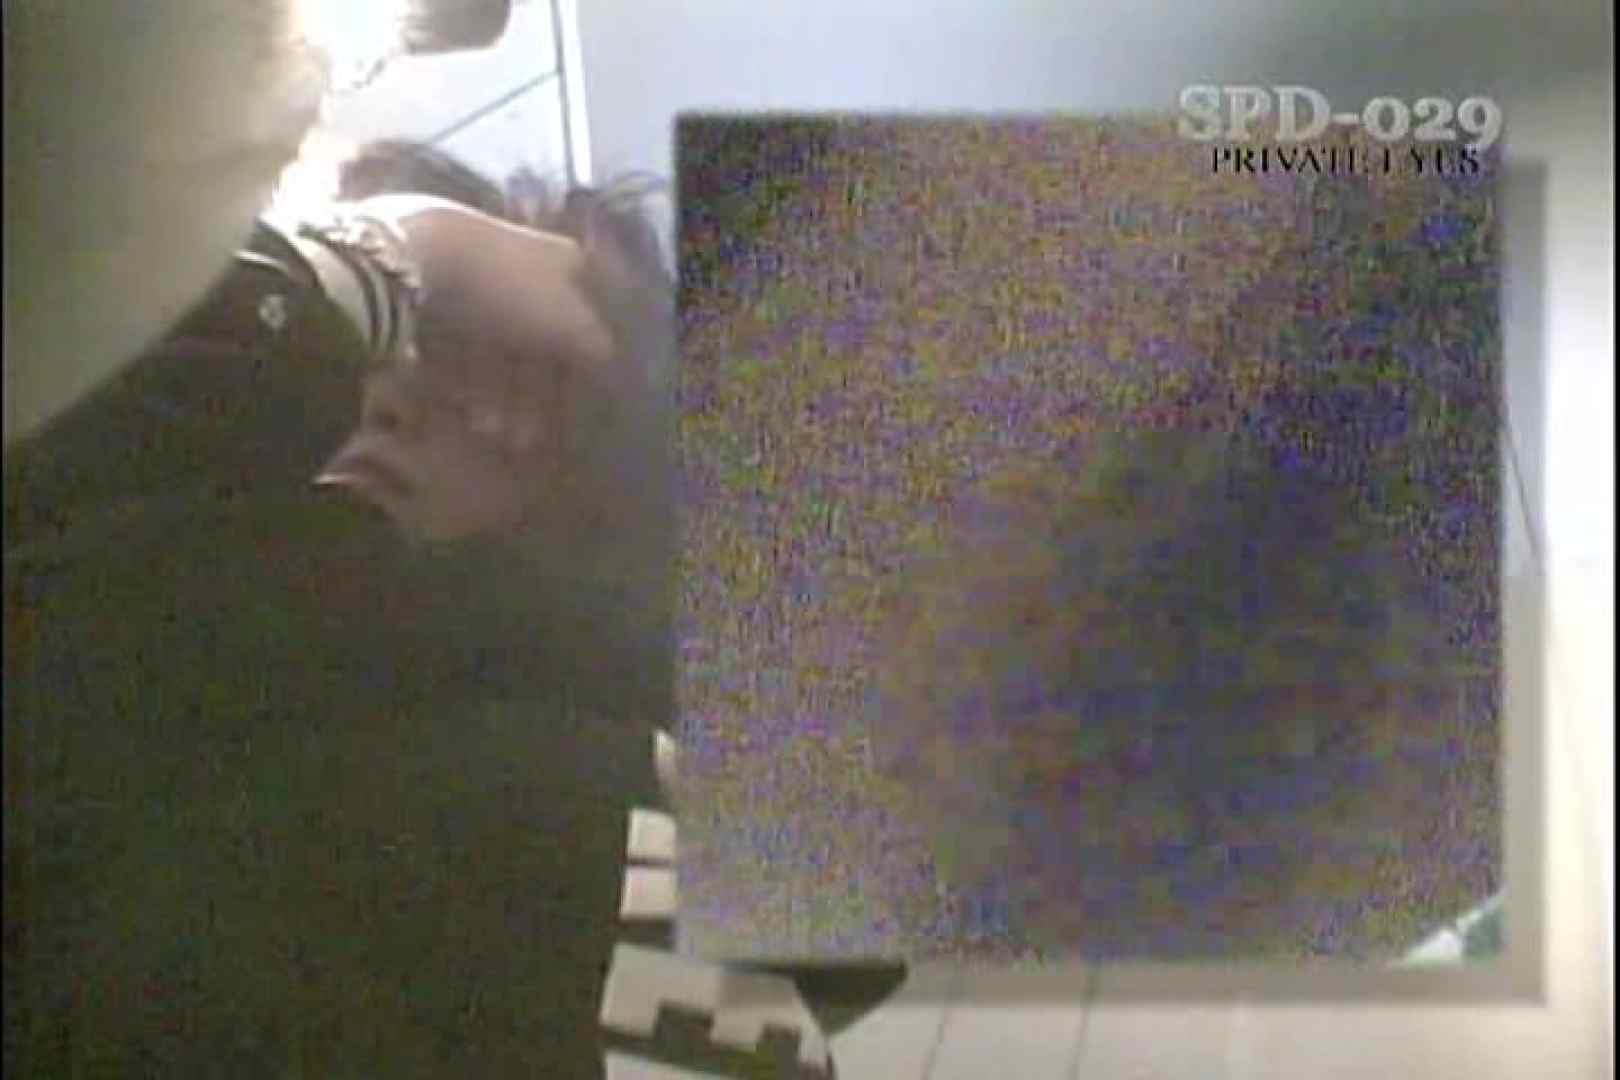 高画質版!SPD-029 和式厠 モリモリスペシャル 厠 覗きオメコ動画キャプチャ 86画像 52